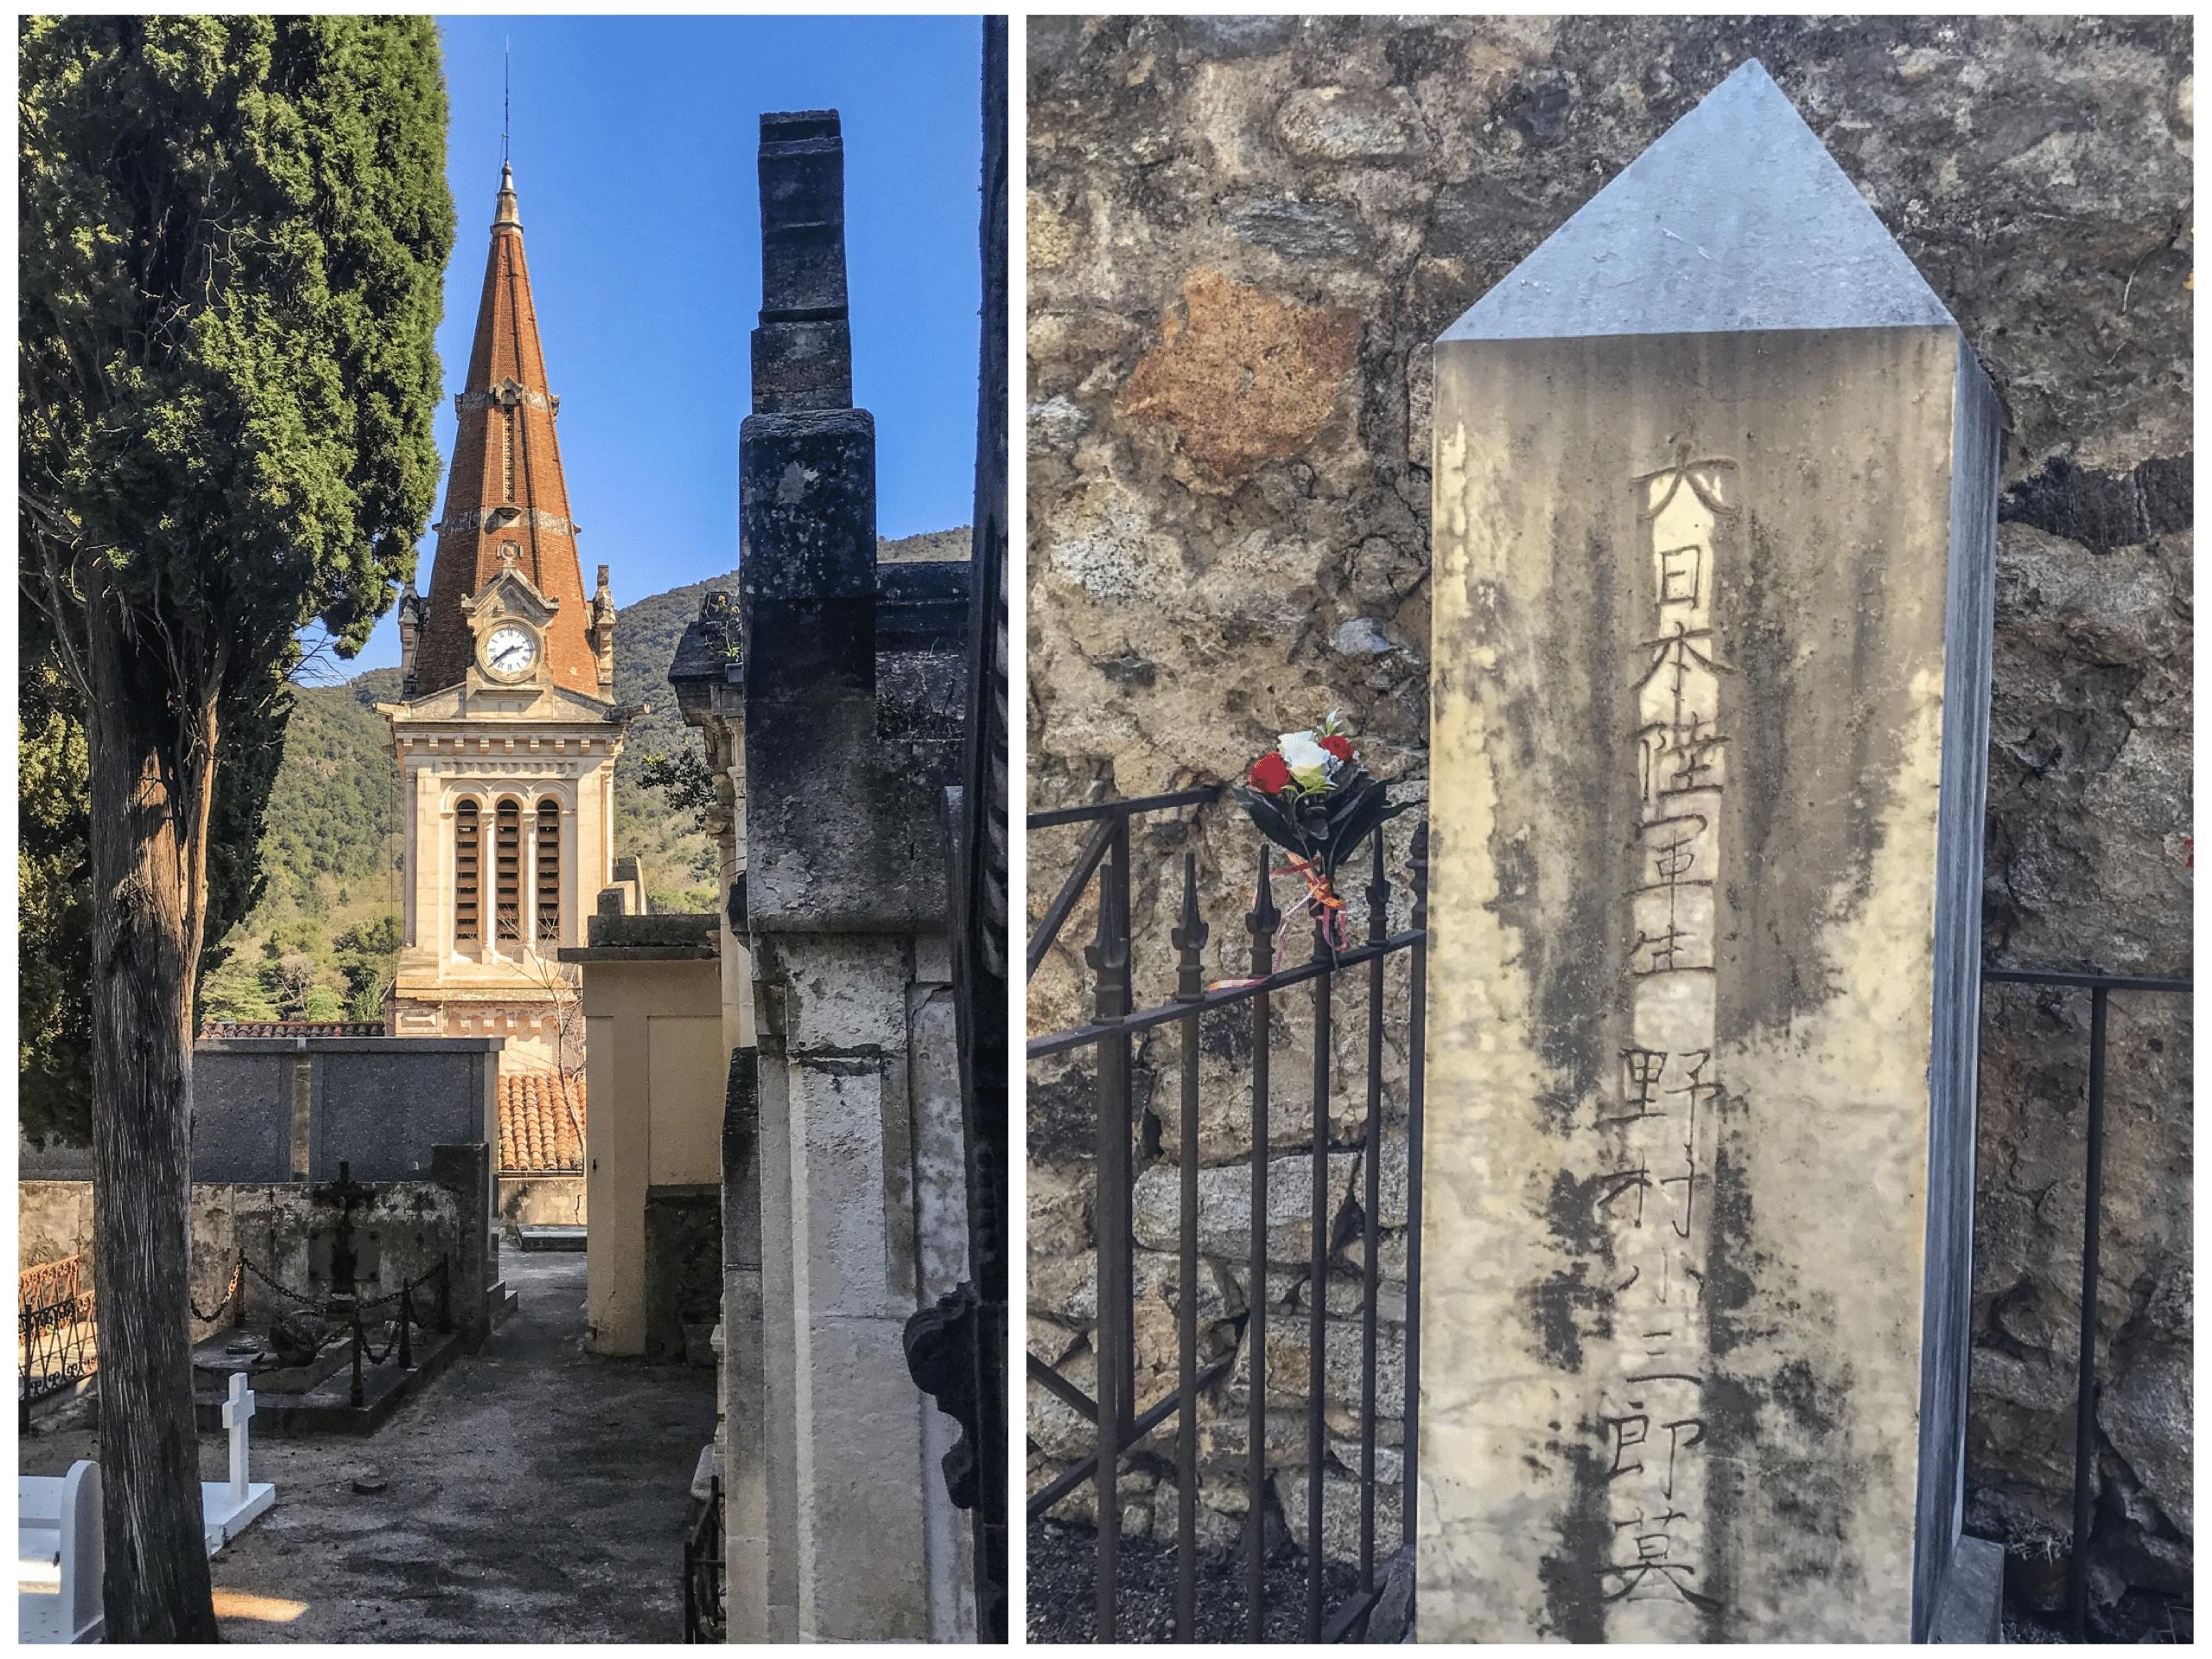 le cimetière d'amélie les bains